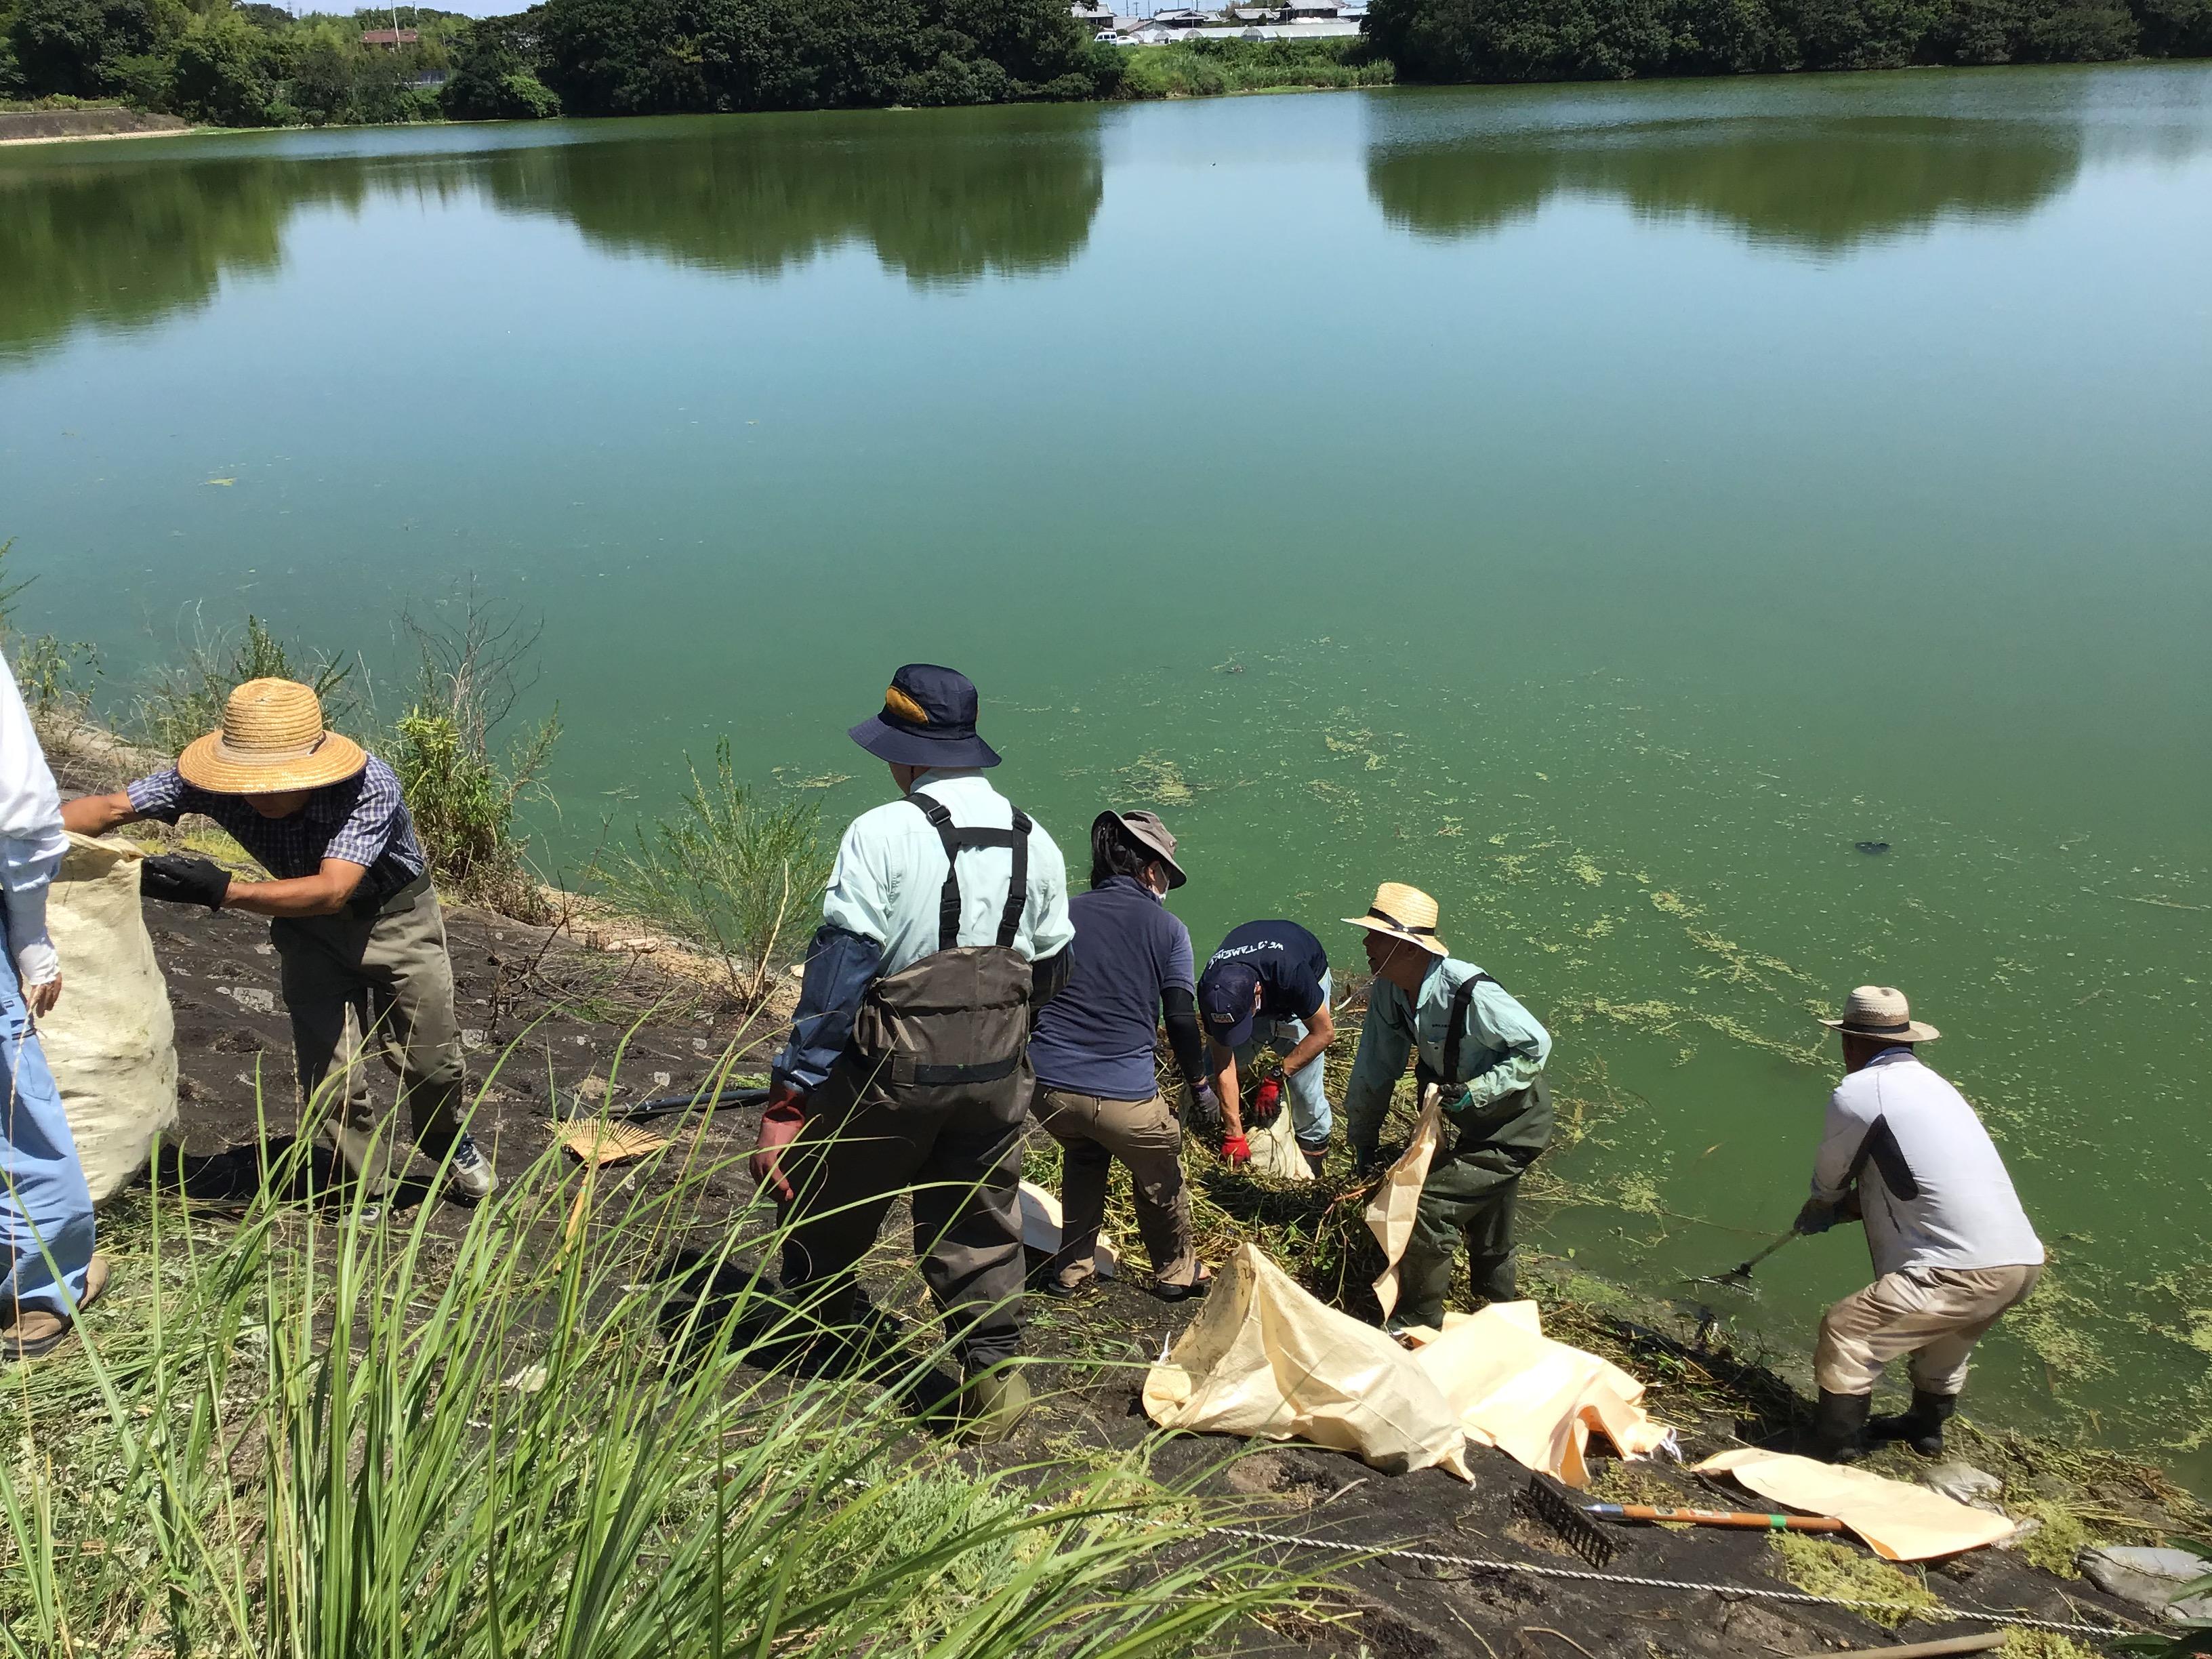 ため池の法面(のりめん)での作業が滑りやすく危険でした。とにかく暑いんです。ボランティアの㈱自然回復の方々も応援に。